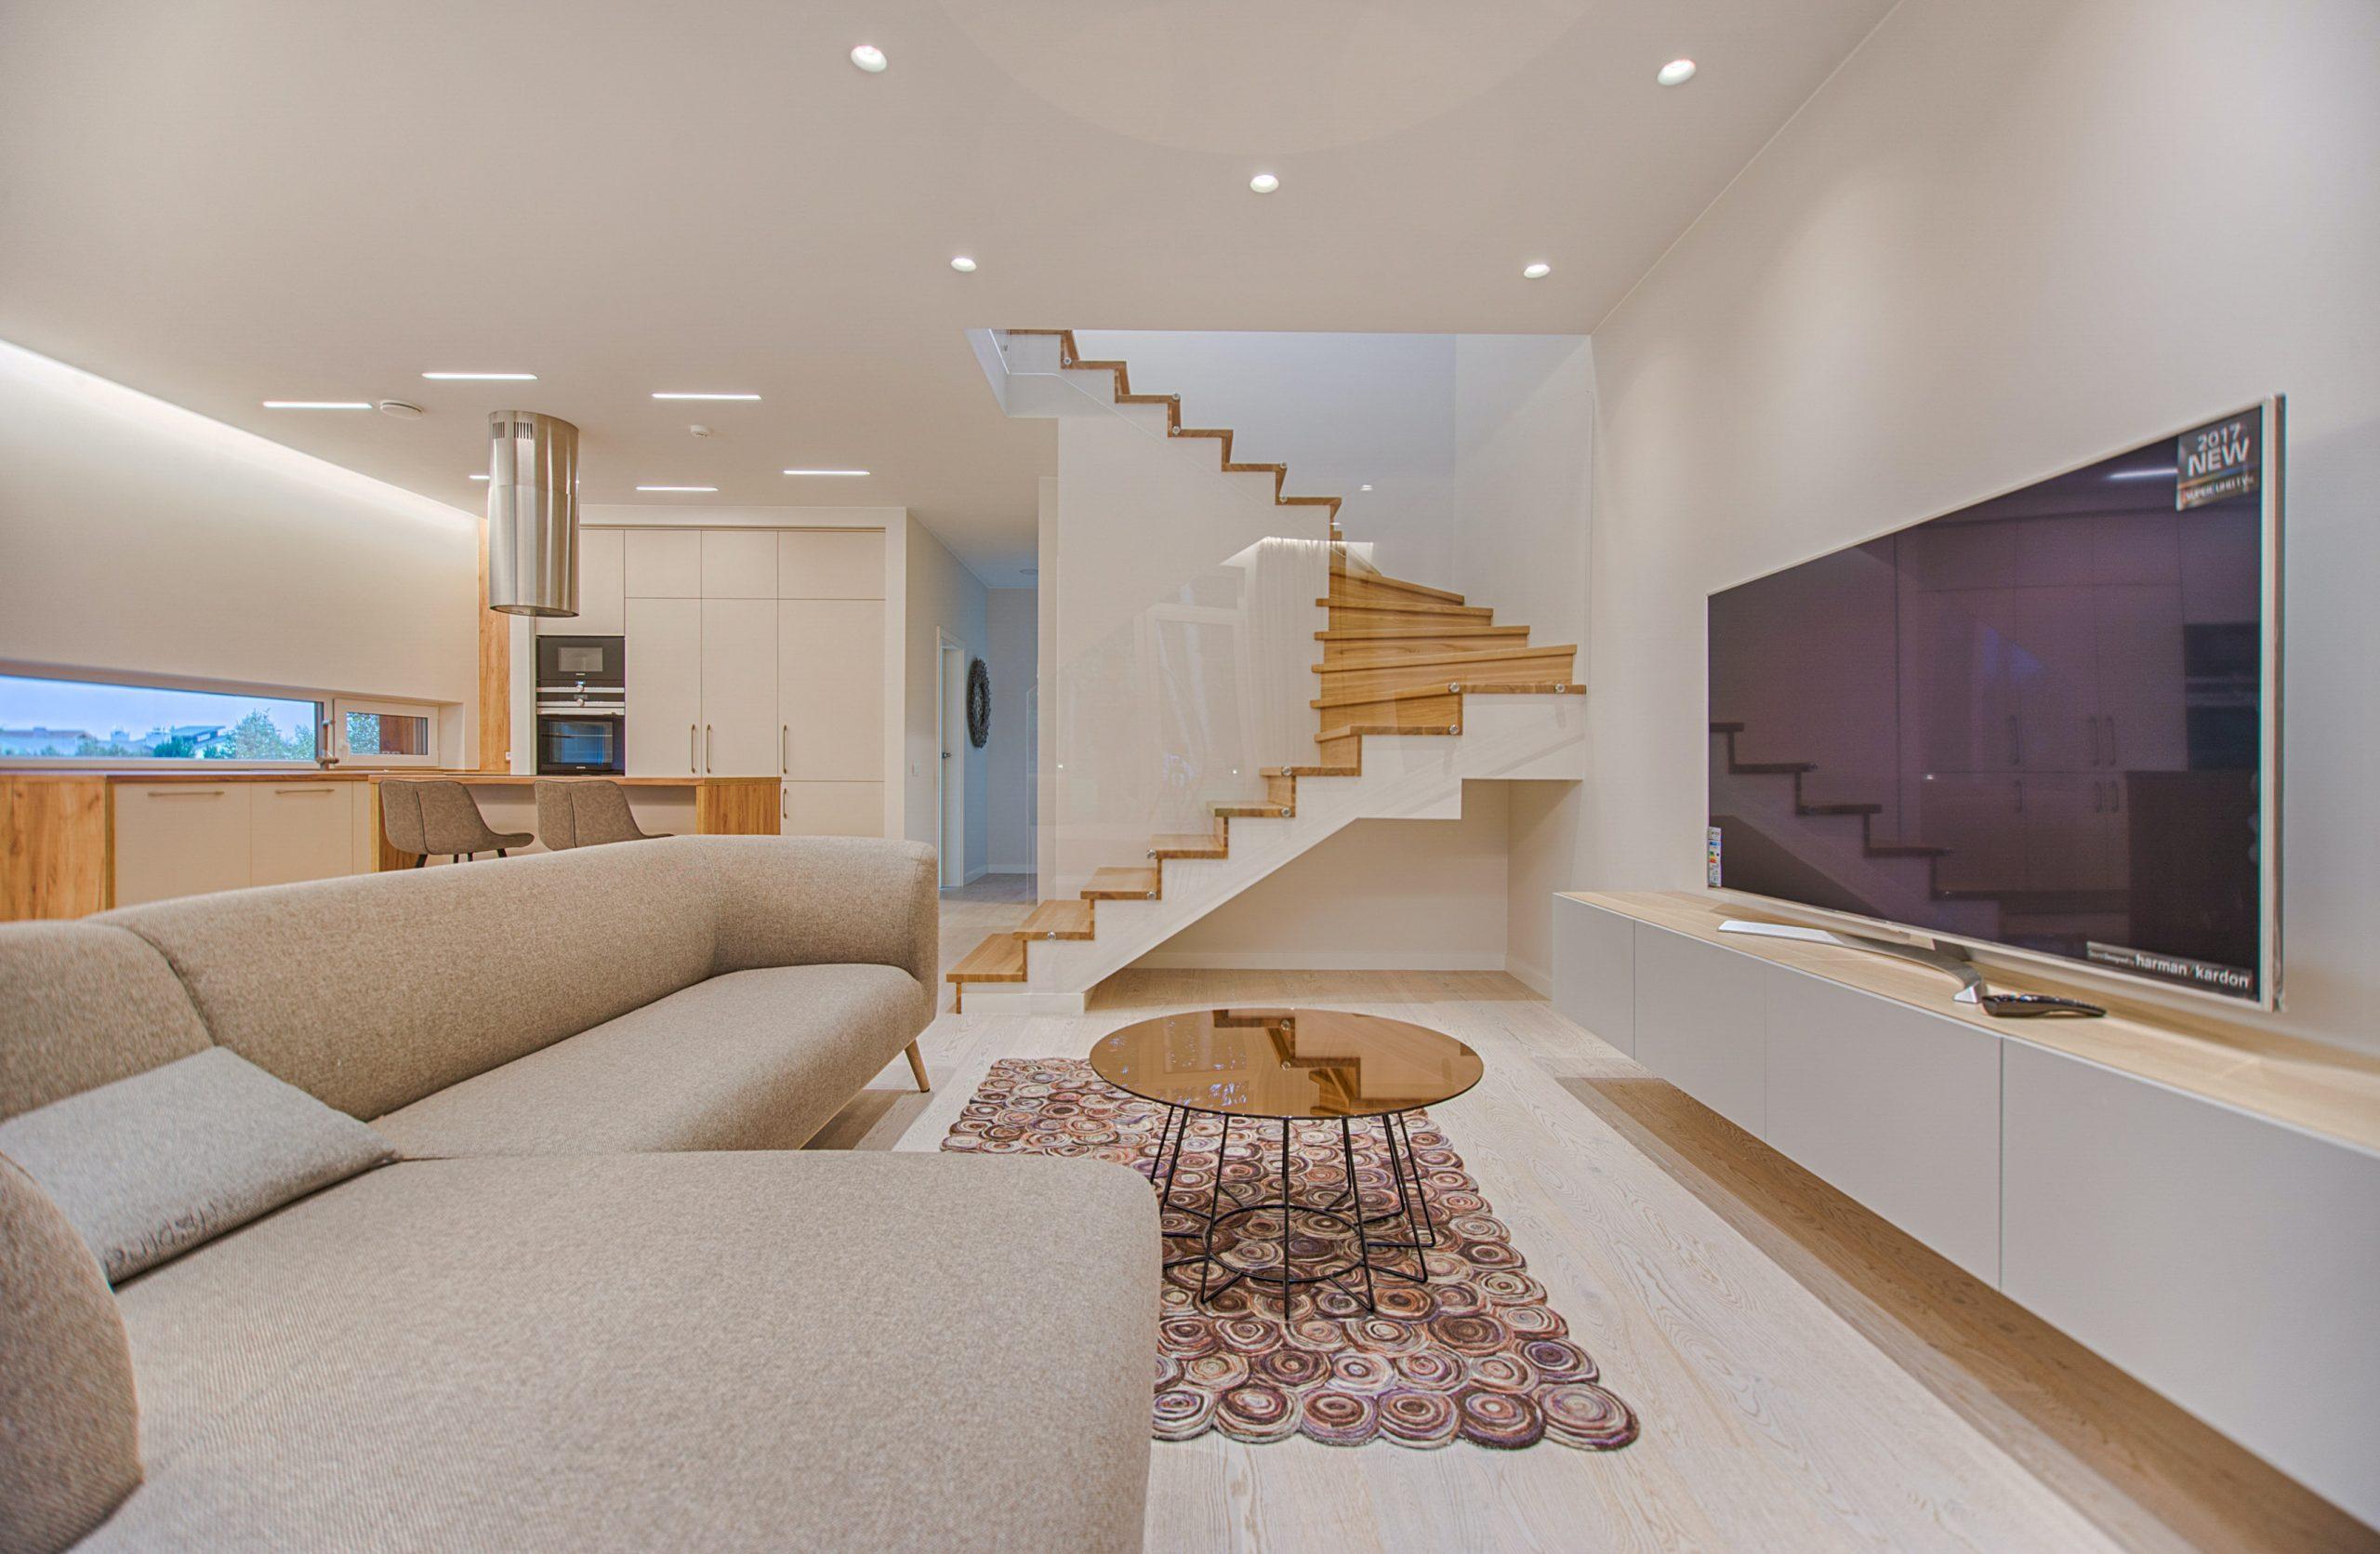 sala ampla e clara com uma TV 75 polegadas na estante